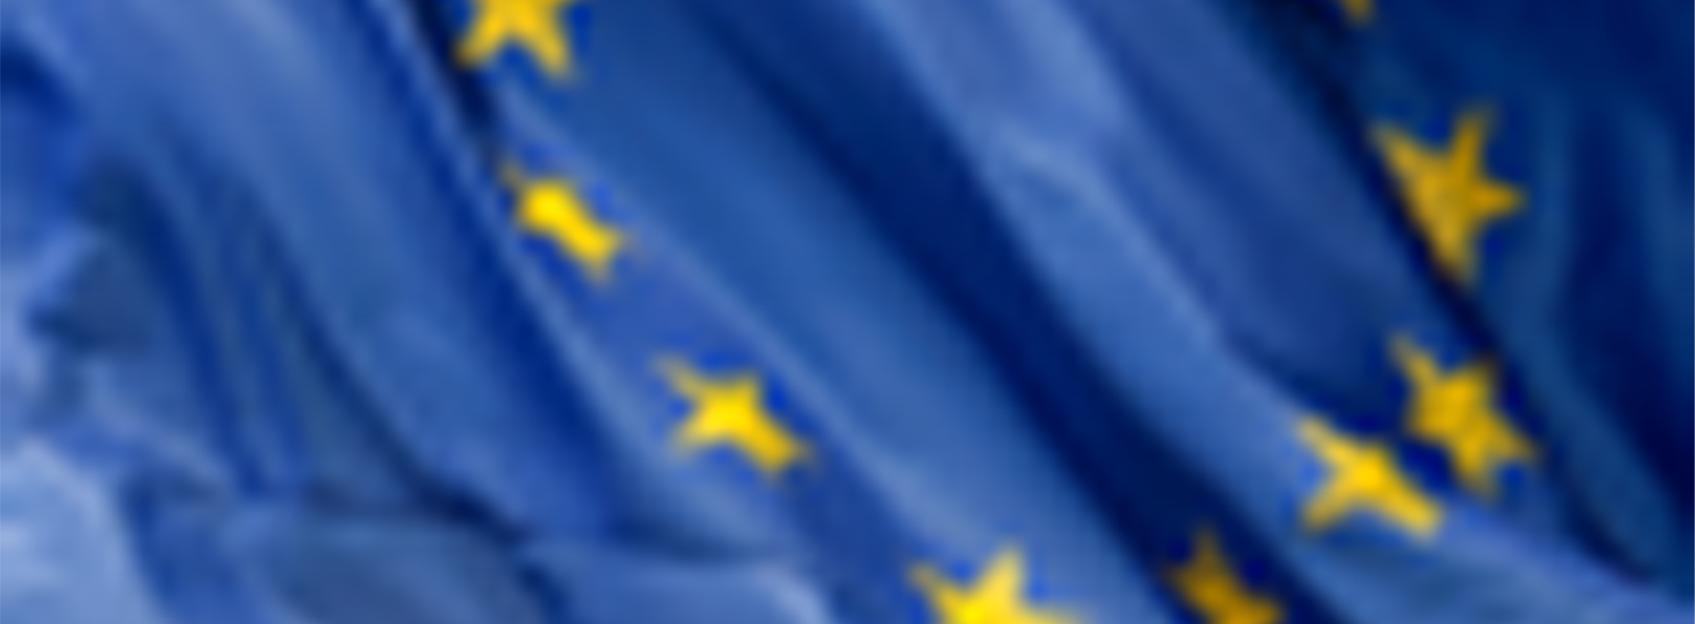 Nucléaire : des citoyens européens divisés